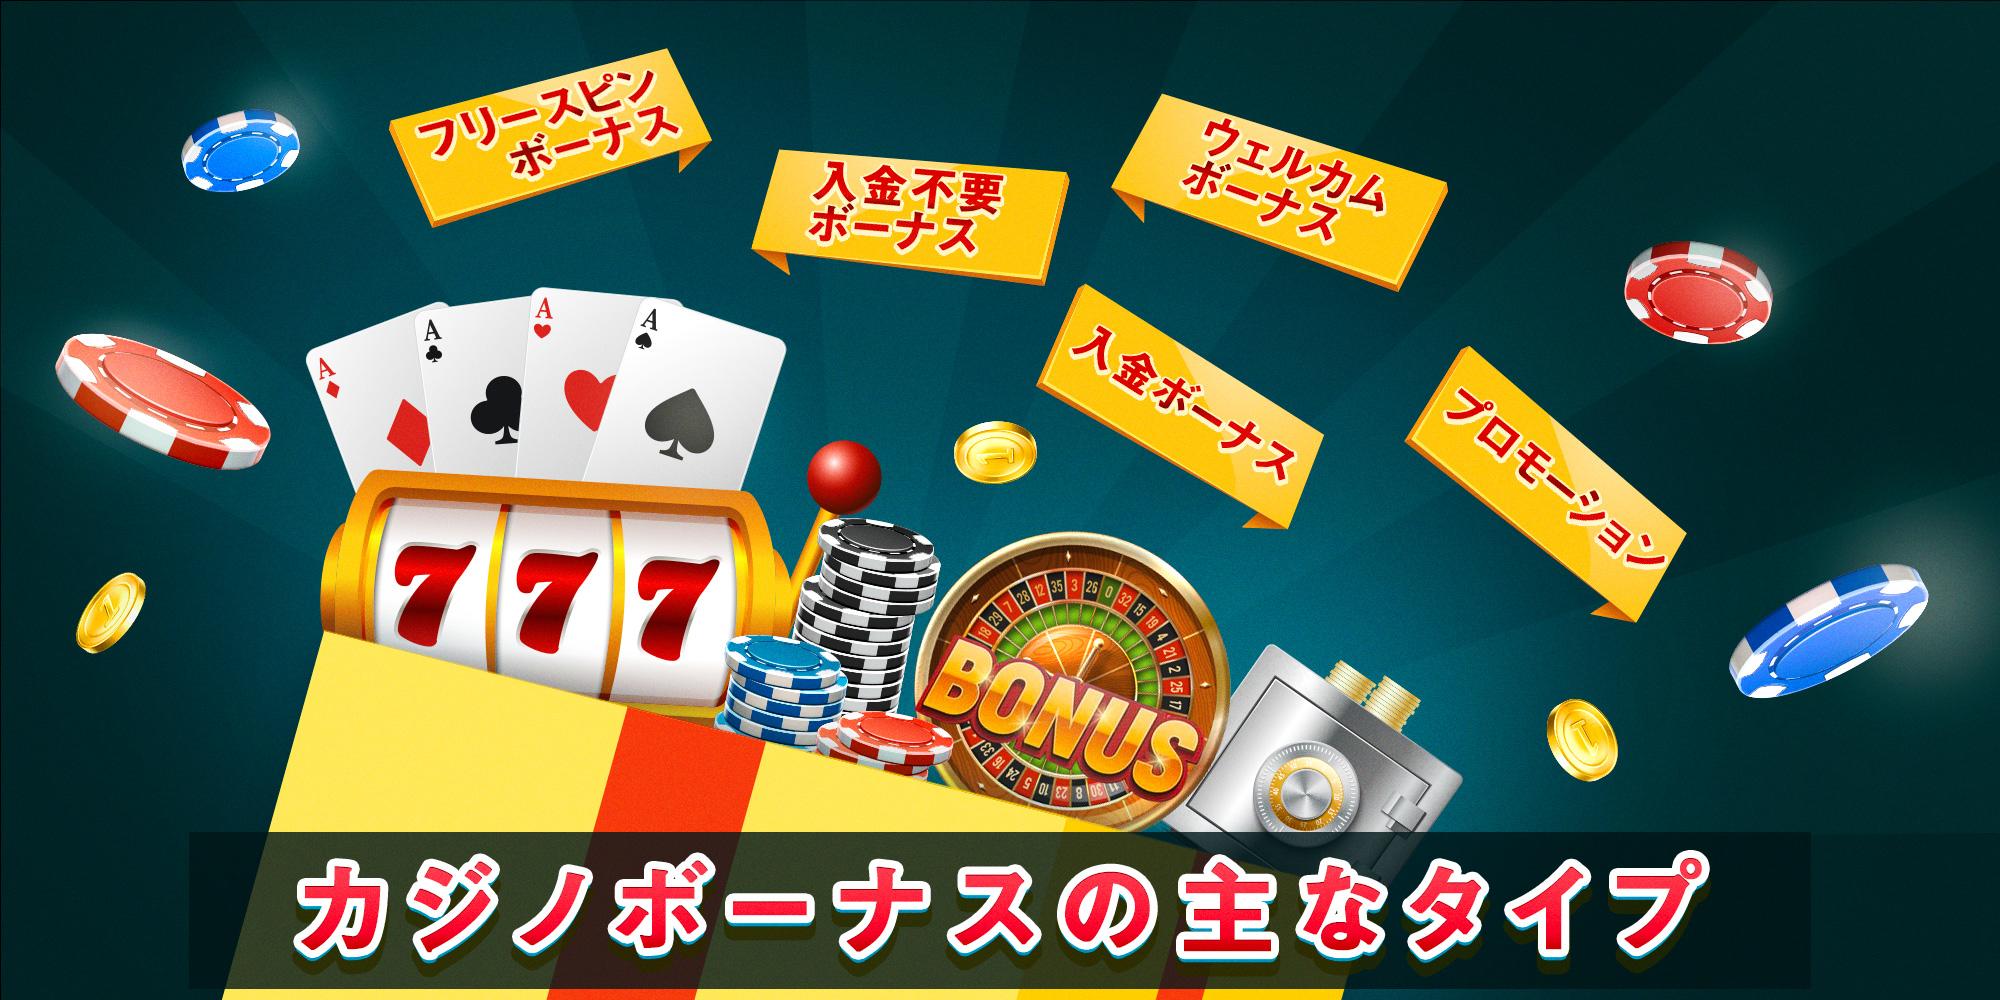 オンラインカジノ ボーナスギャンブル